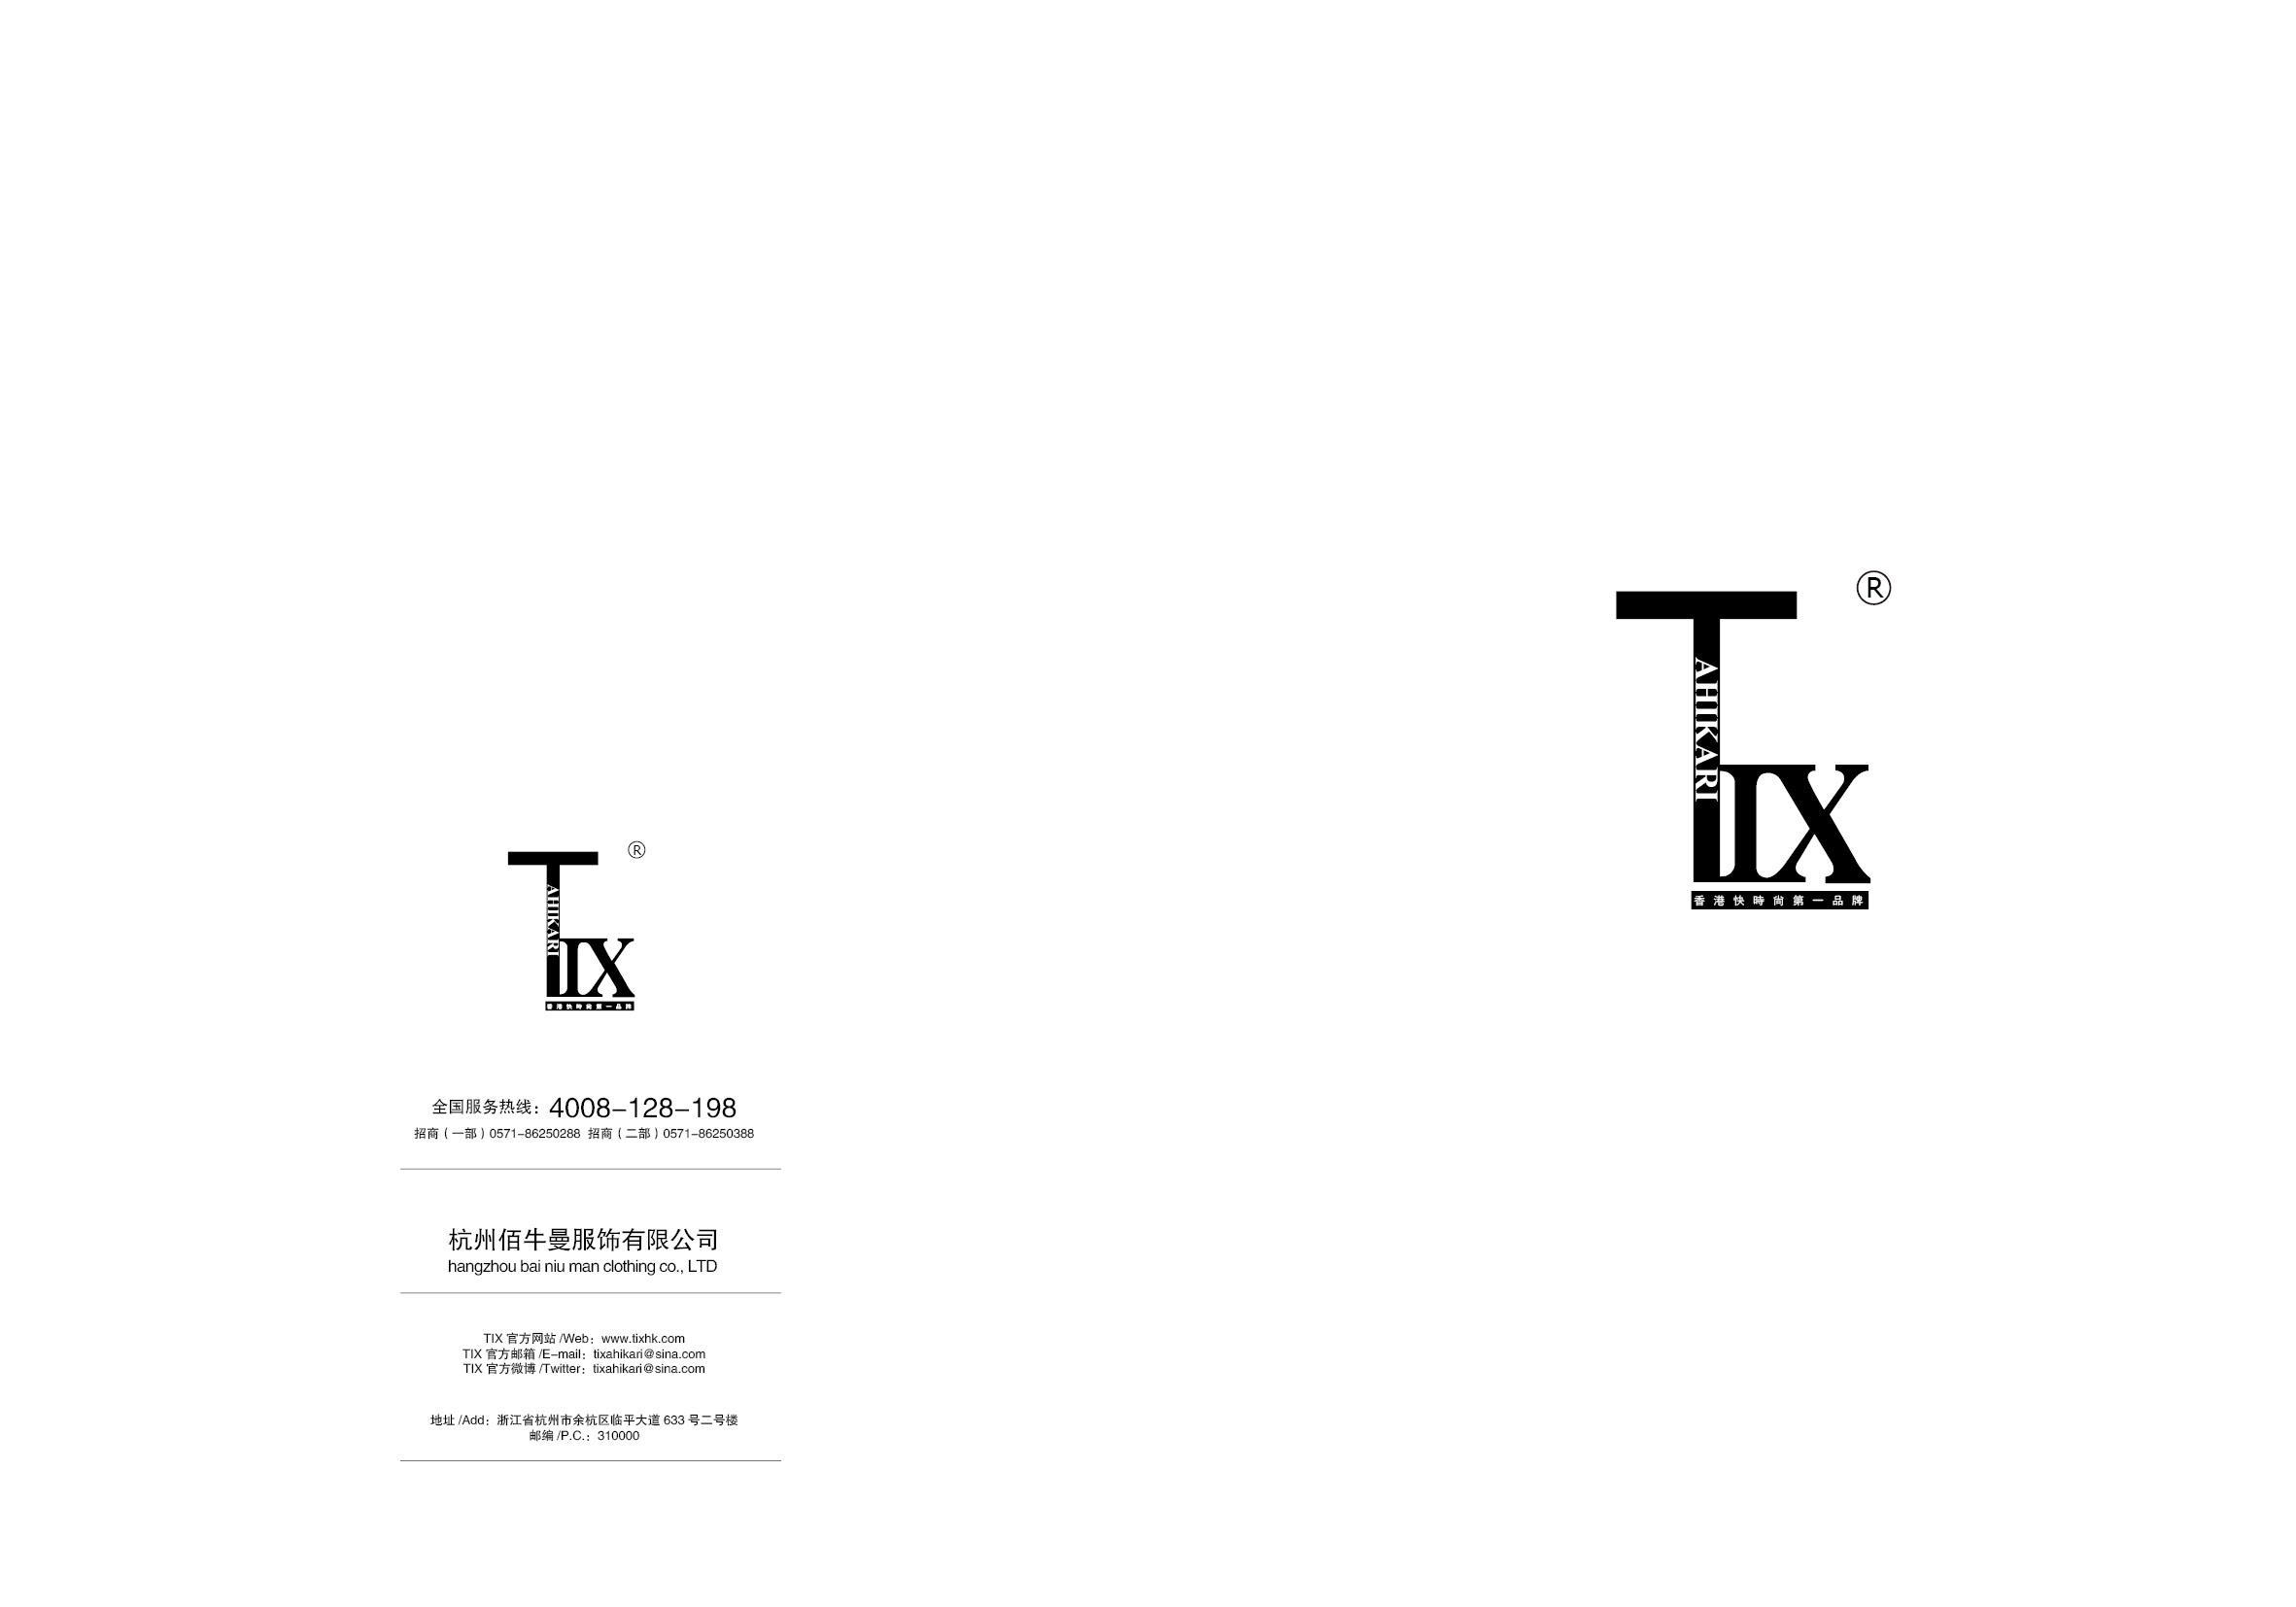 佰牛曼服饰TIX男装品牌进行招商